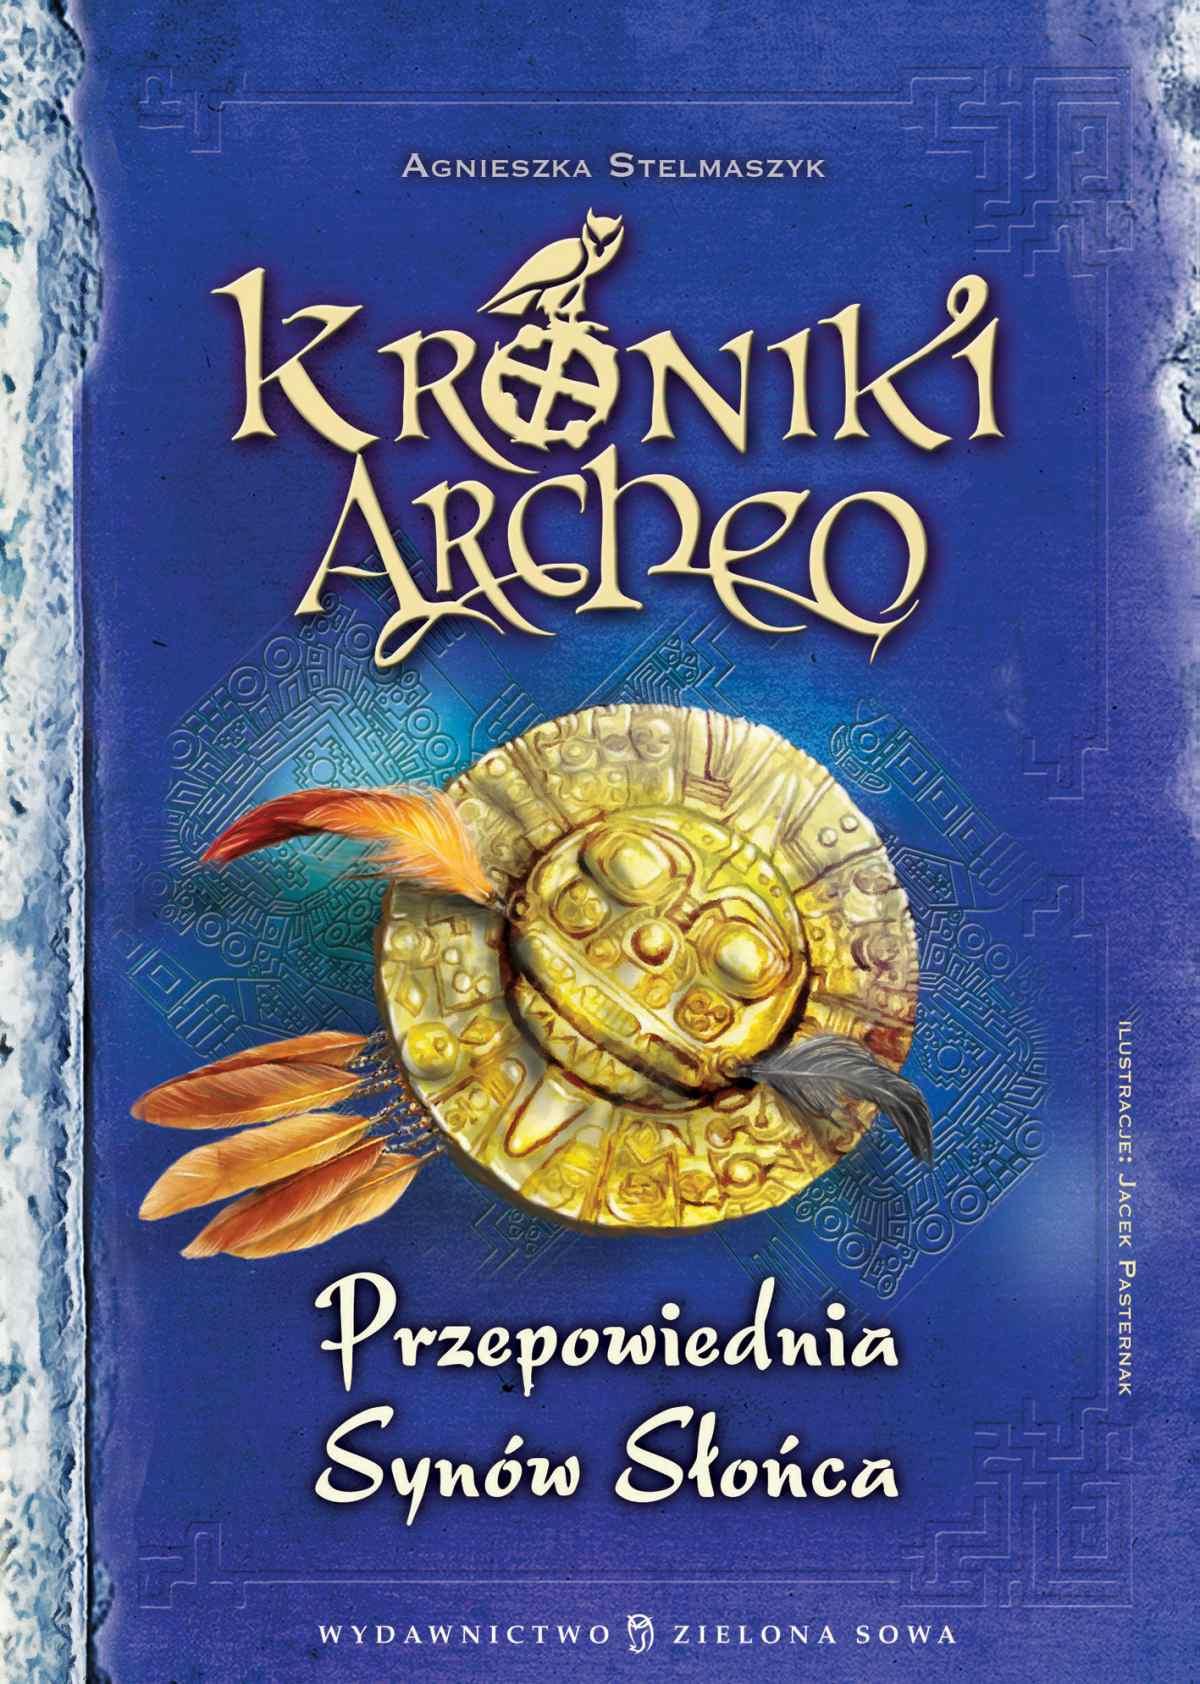 Kroniki Archeo: Przepowiednia Synów Słońca - Ebook (Książka EPUB) do pobrania w formacie EPUB